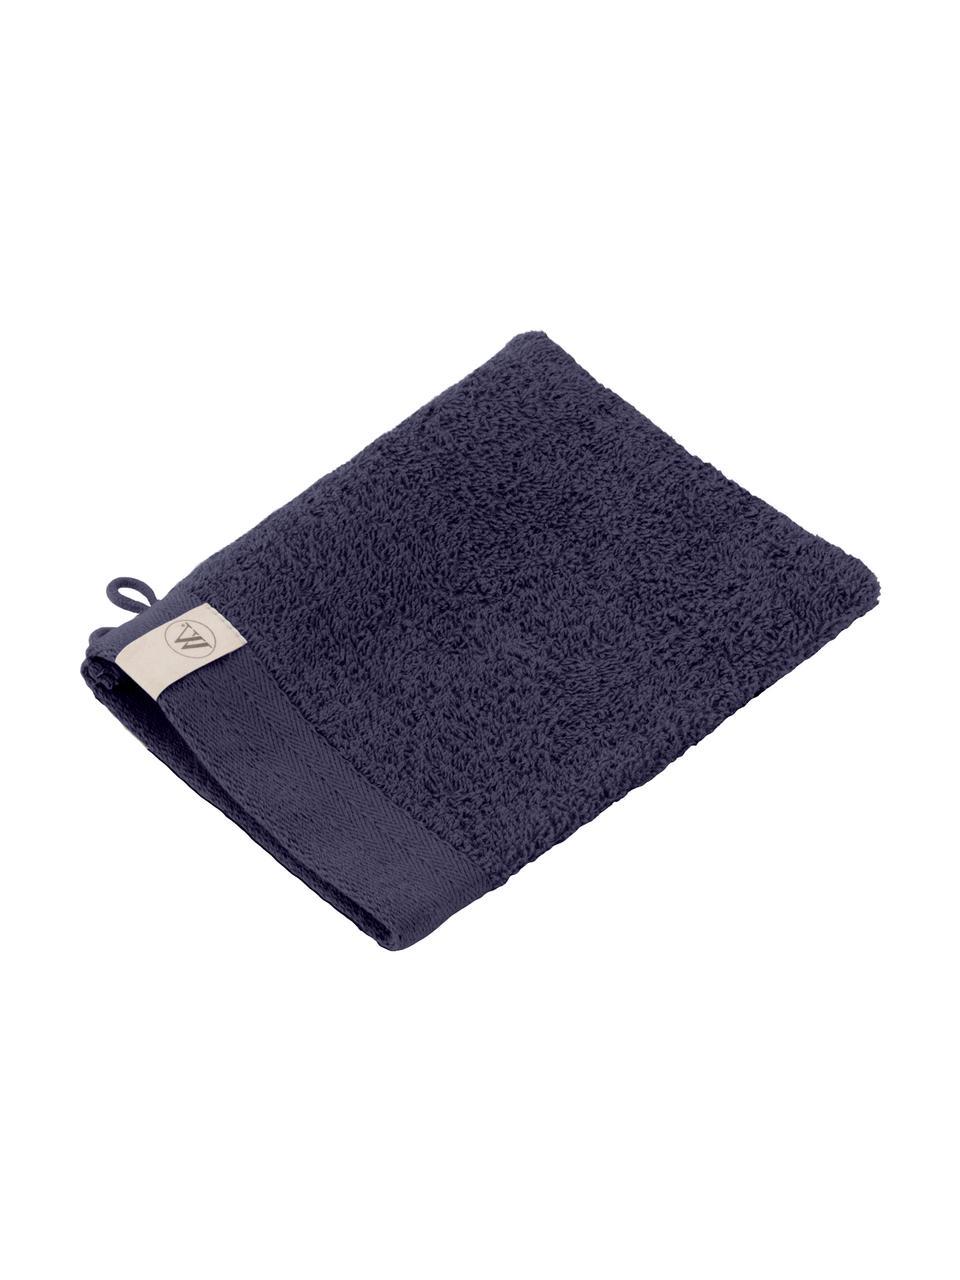 Waschlappen Soft Cotton, 2 Stück, Navyblau, 16 x 21 cm